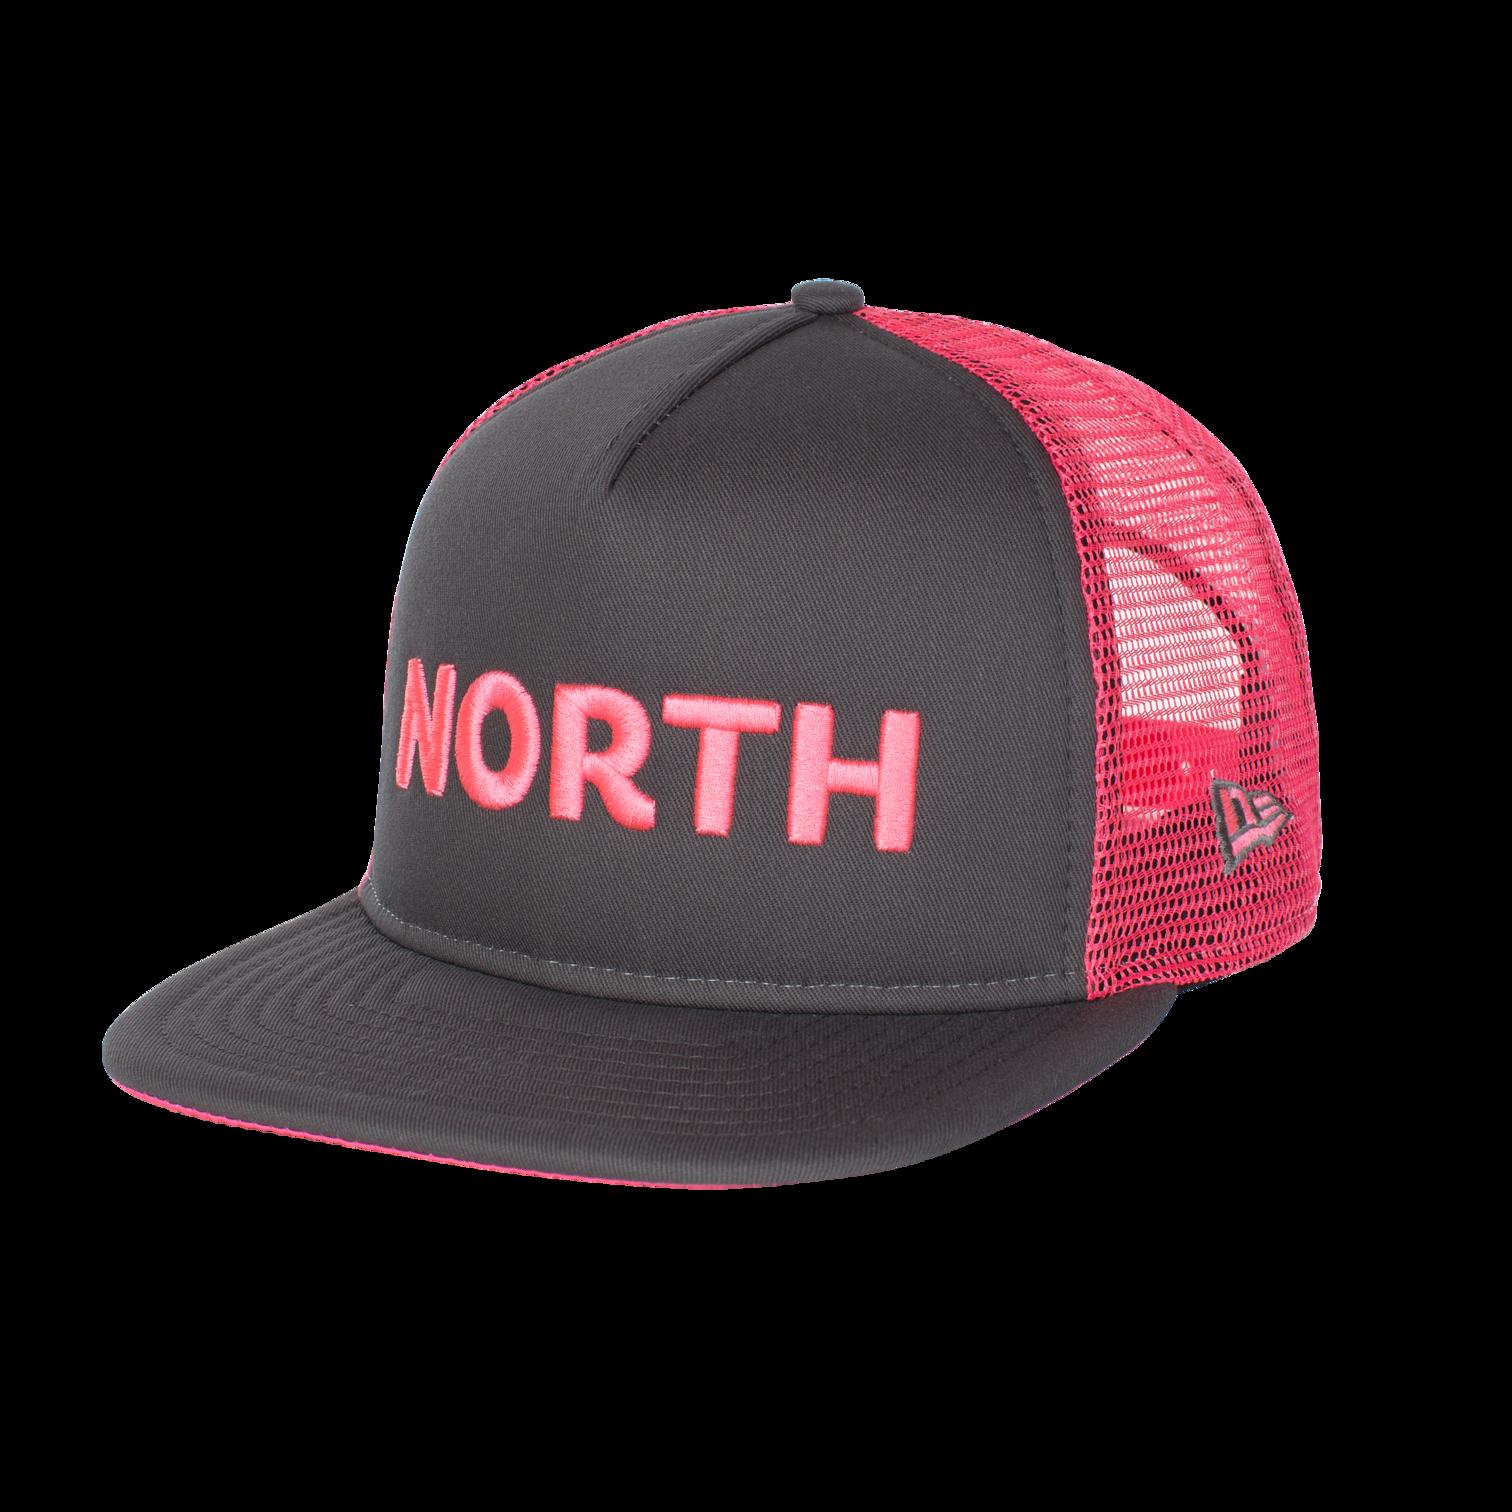 NEW ERA CAP - HYPE